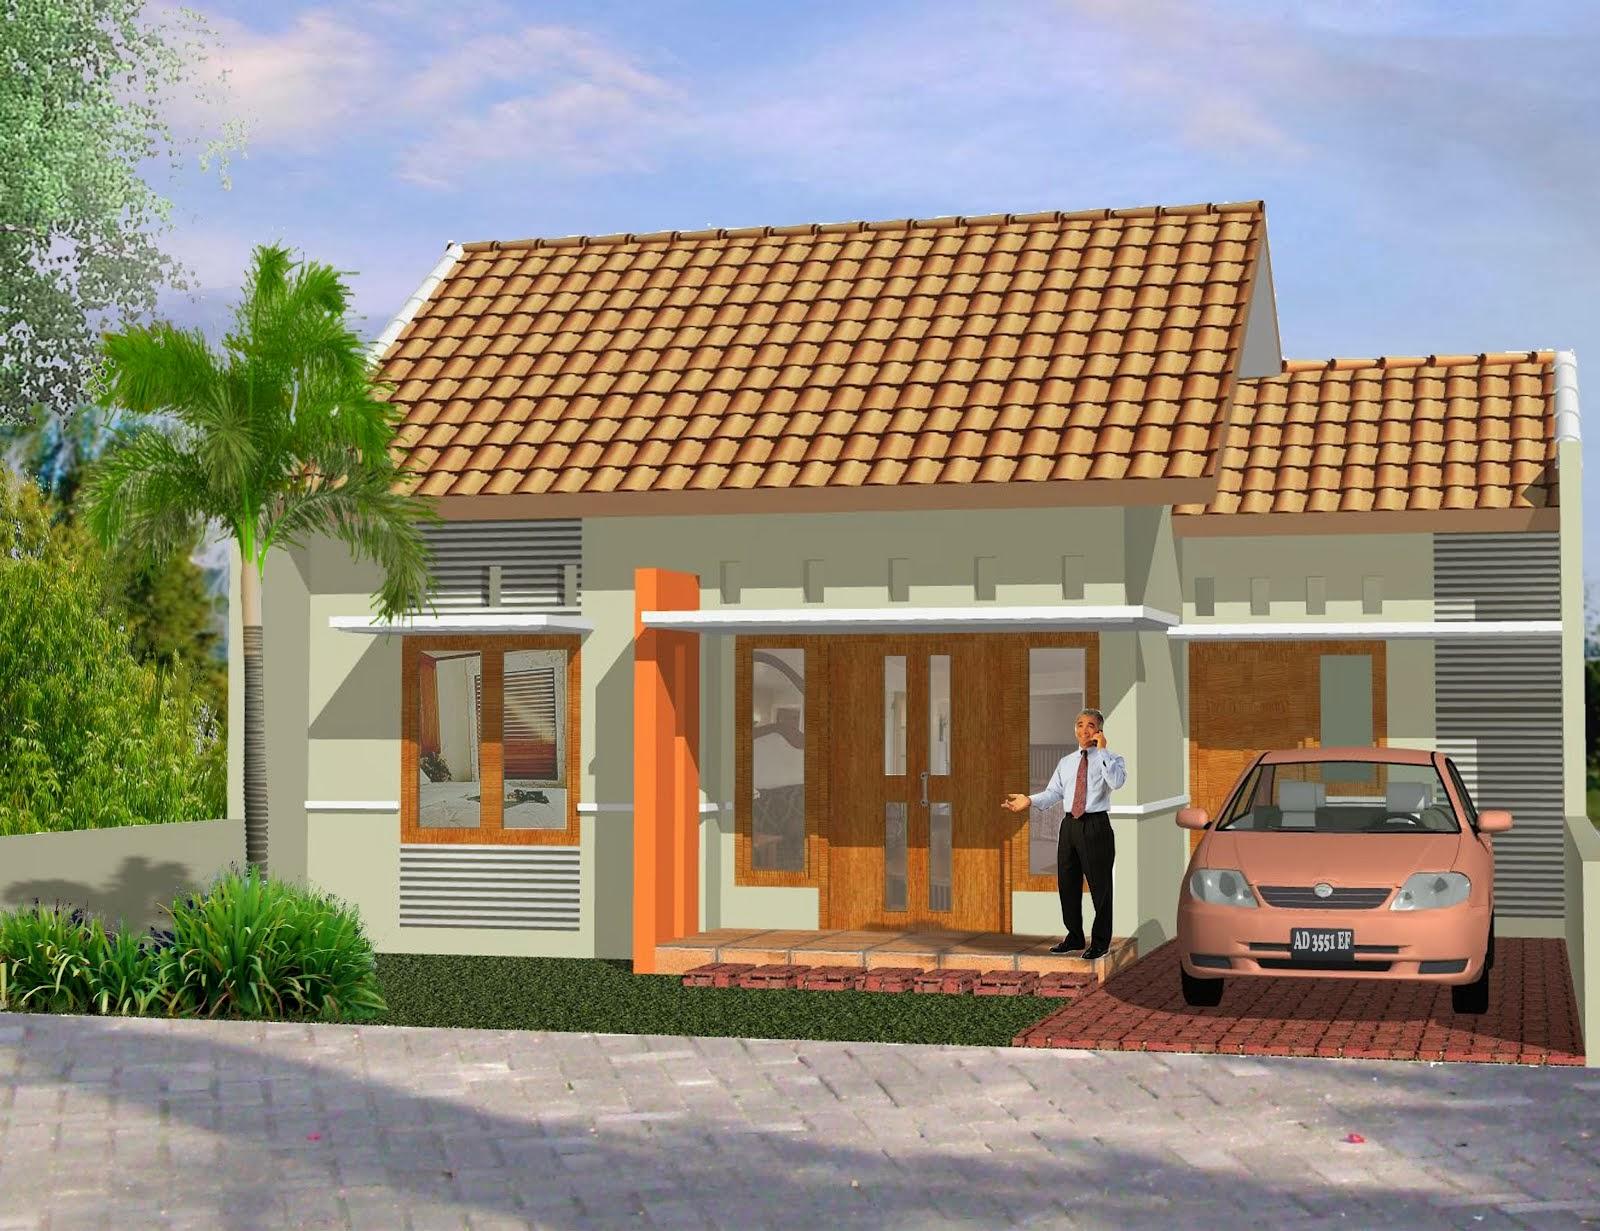 Contoh Desain Rumah Sederhana Yang Menarik Desain Denah Rumah